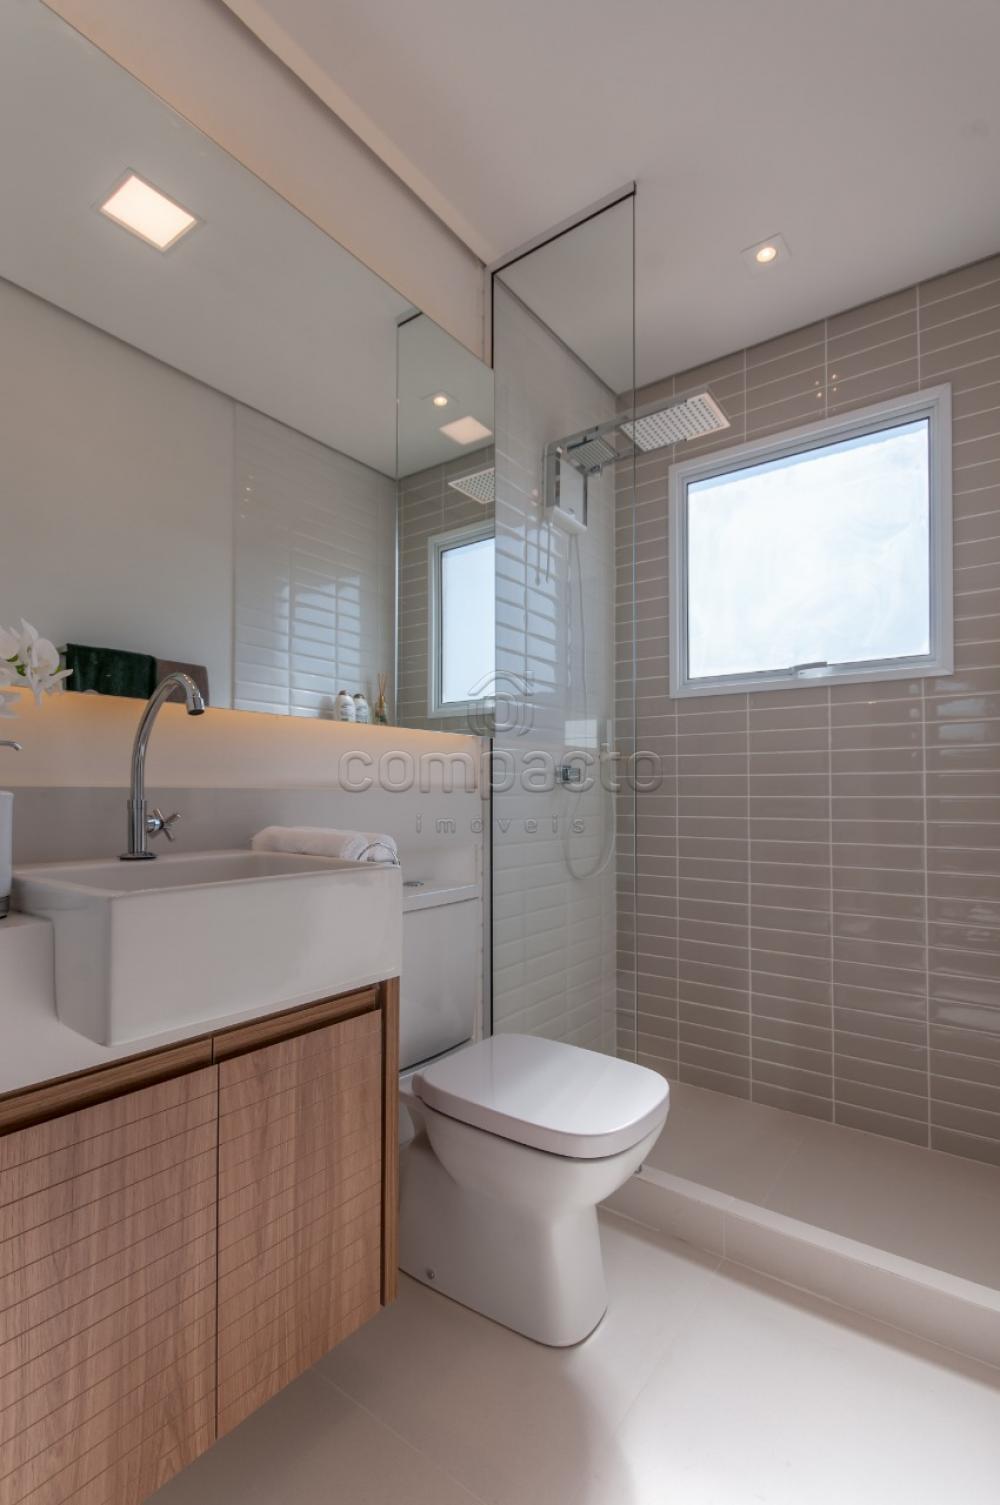 Comprar Apartamento / Padrão em São José do Rio Preto apenas R$ 210.000,00 - Foto 8